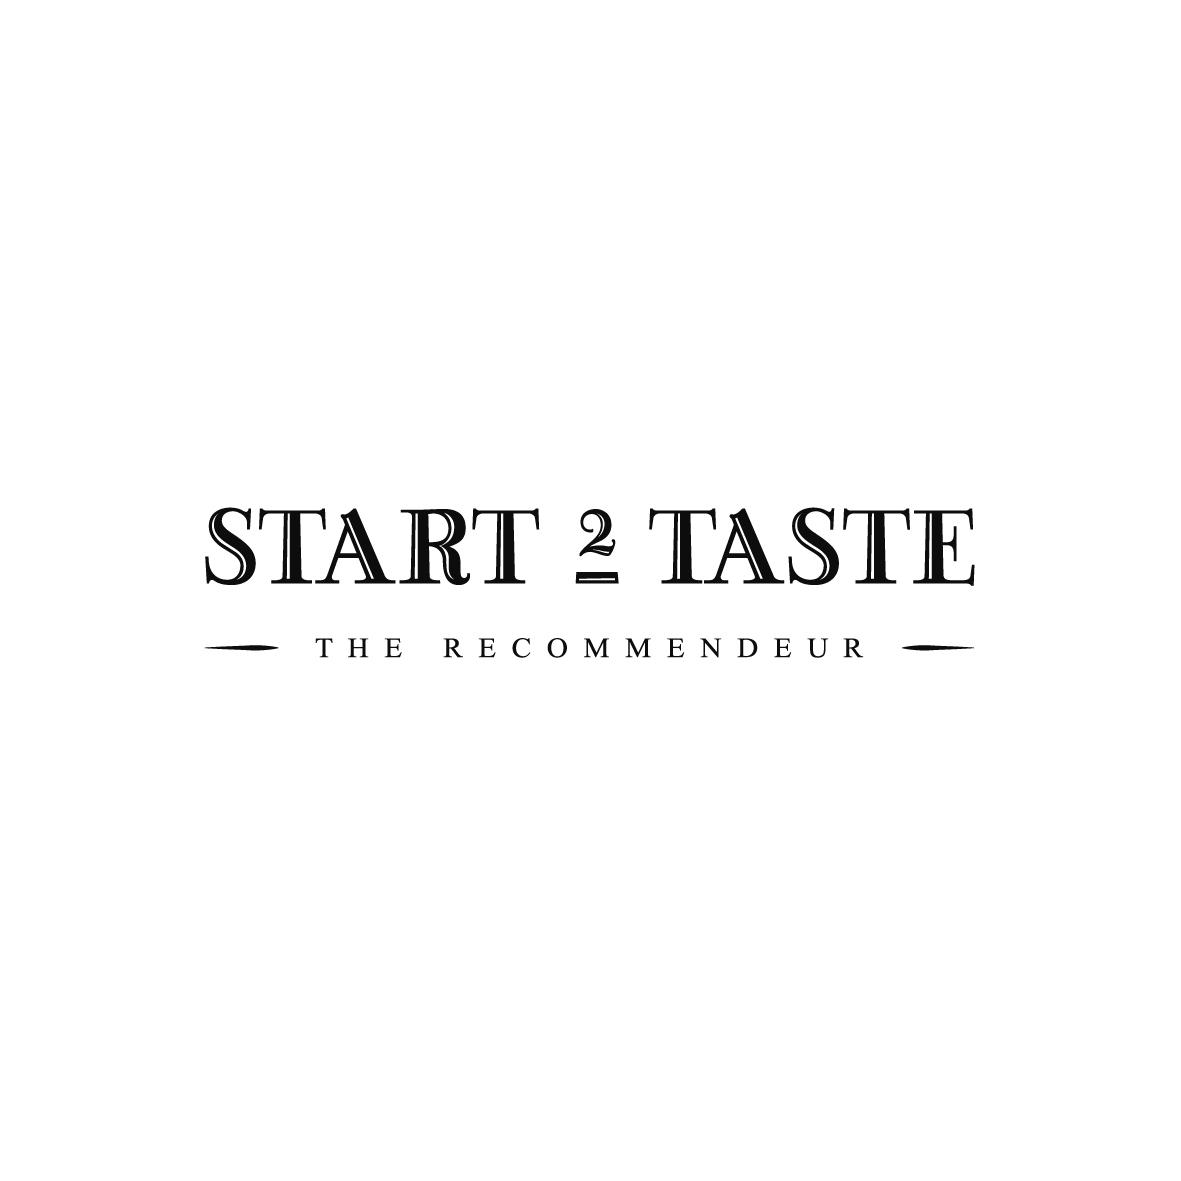 Start 2 Taste